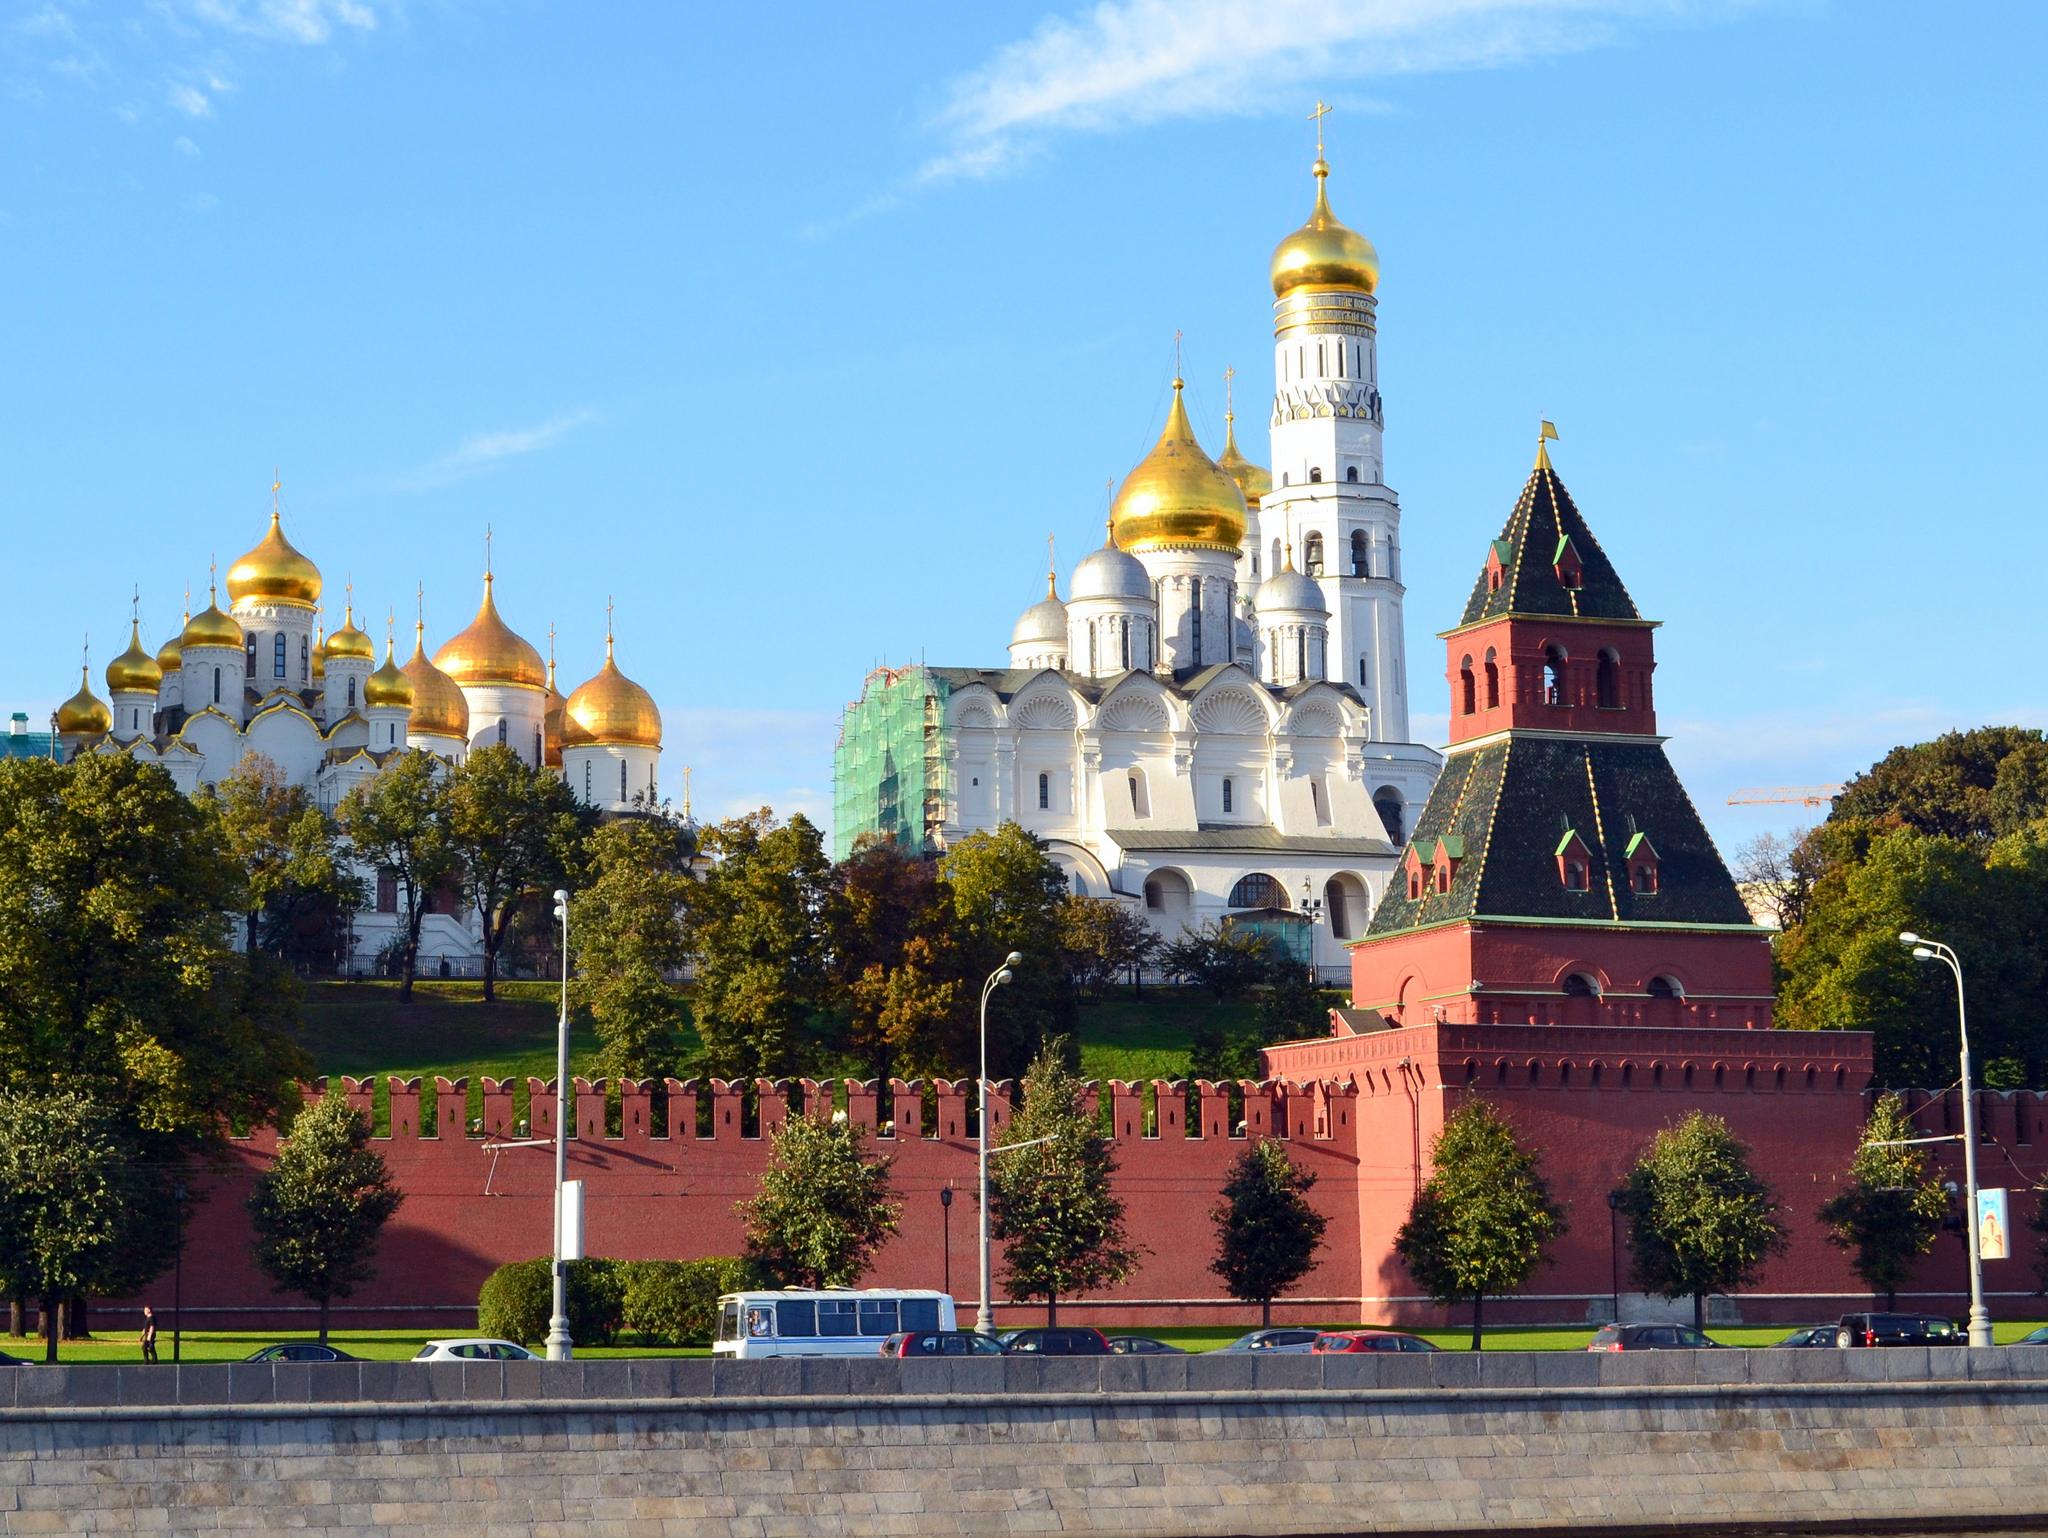 Kremlin. Credit: Larry Koester/Flickr, CC BY 2.0